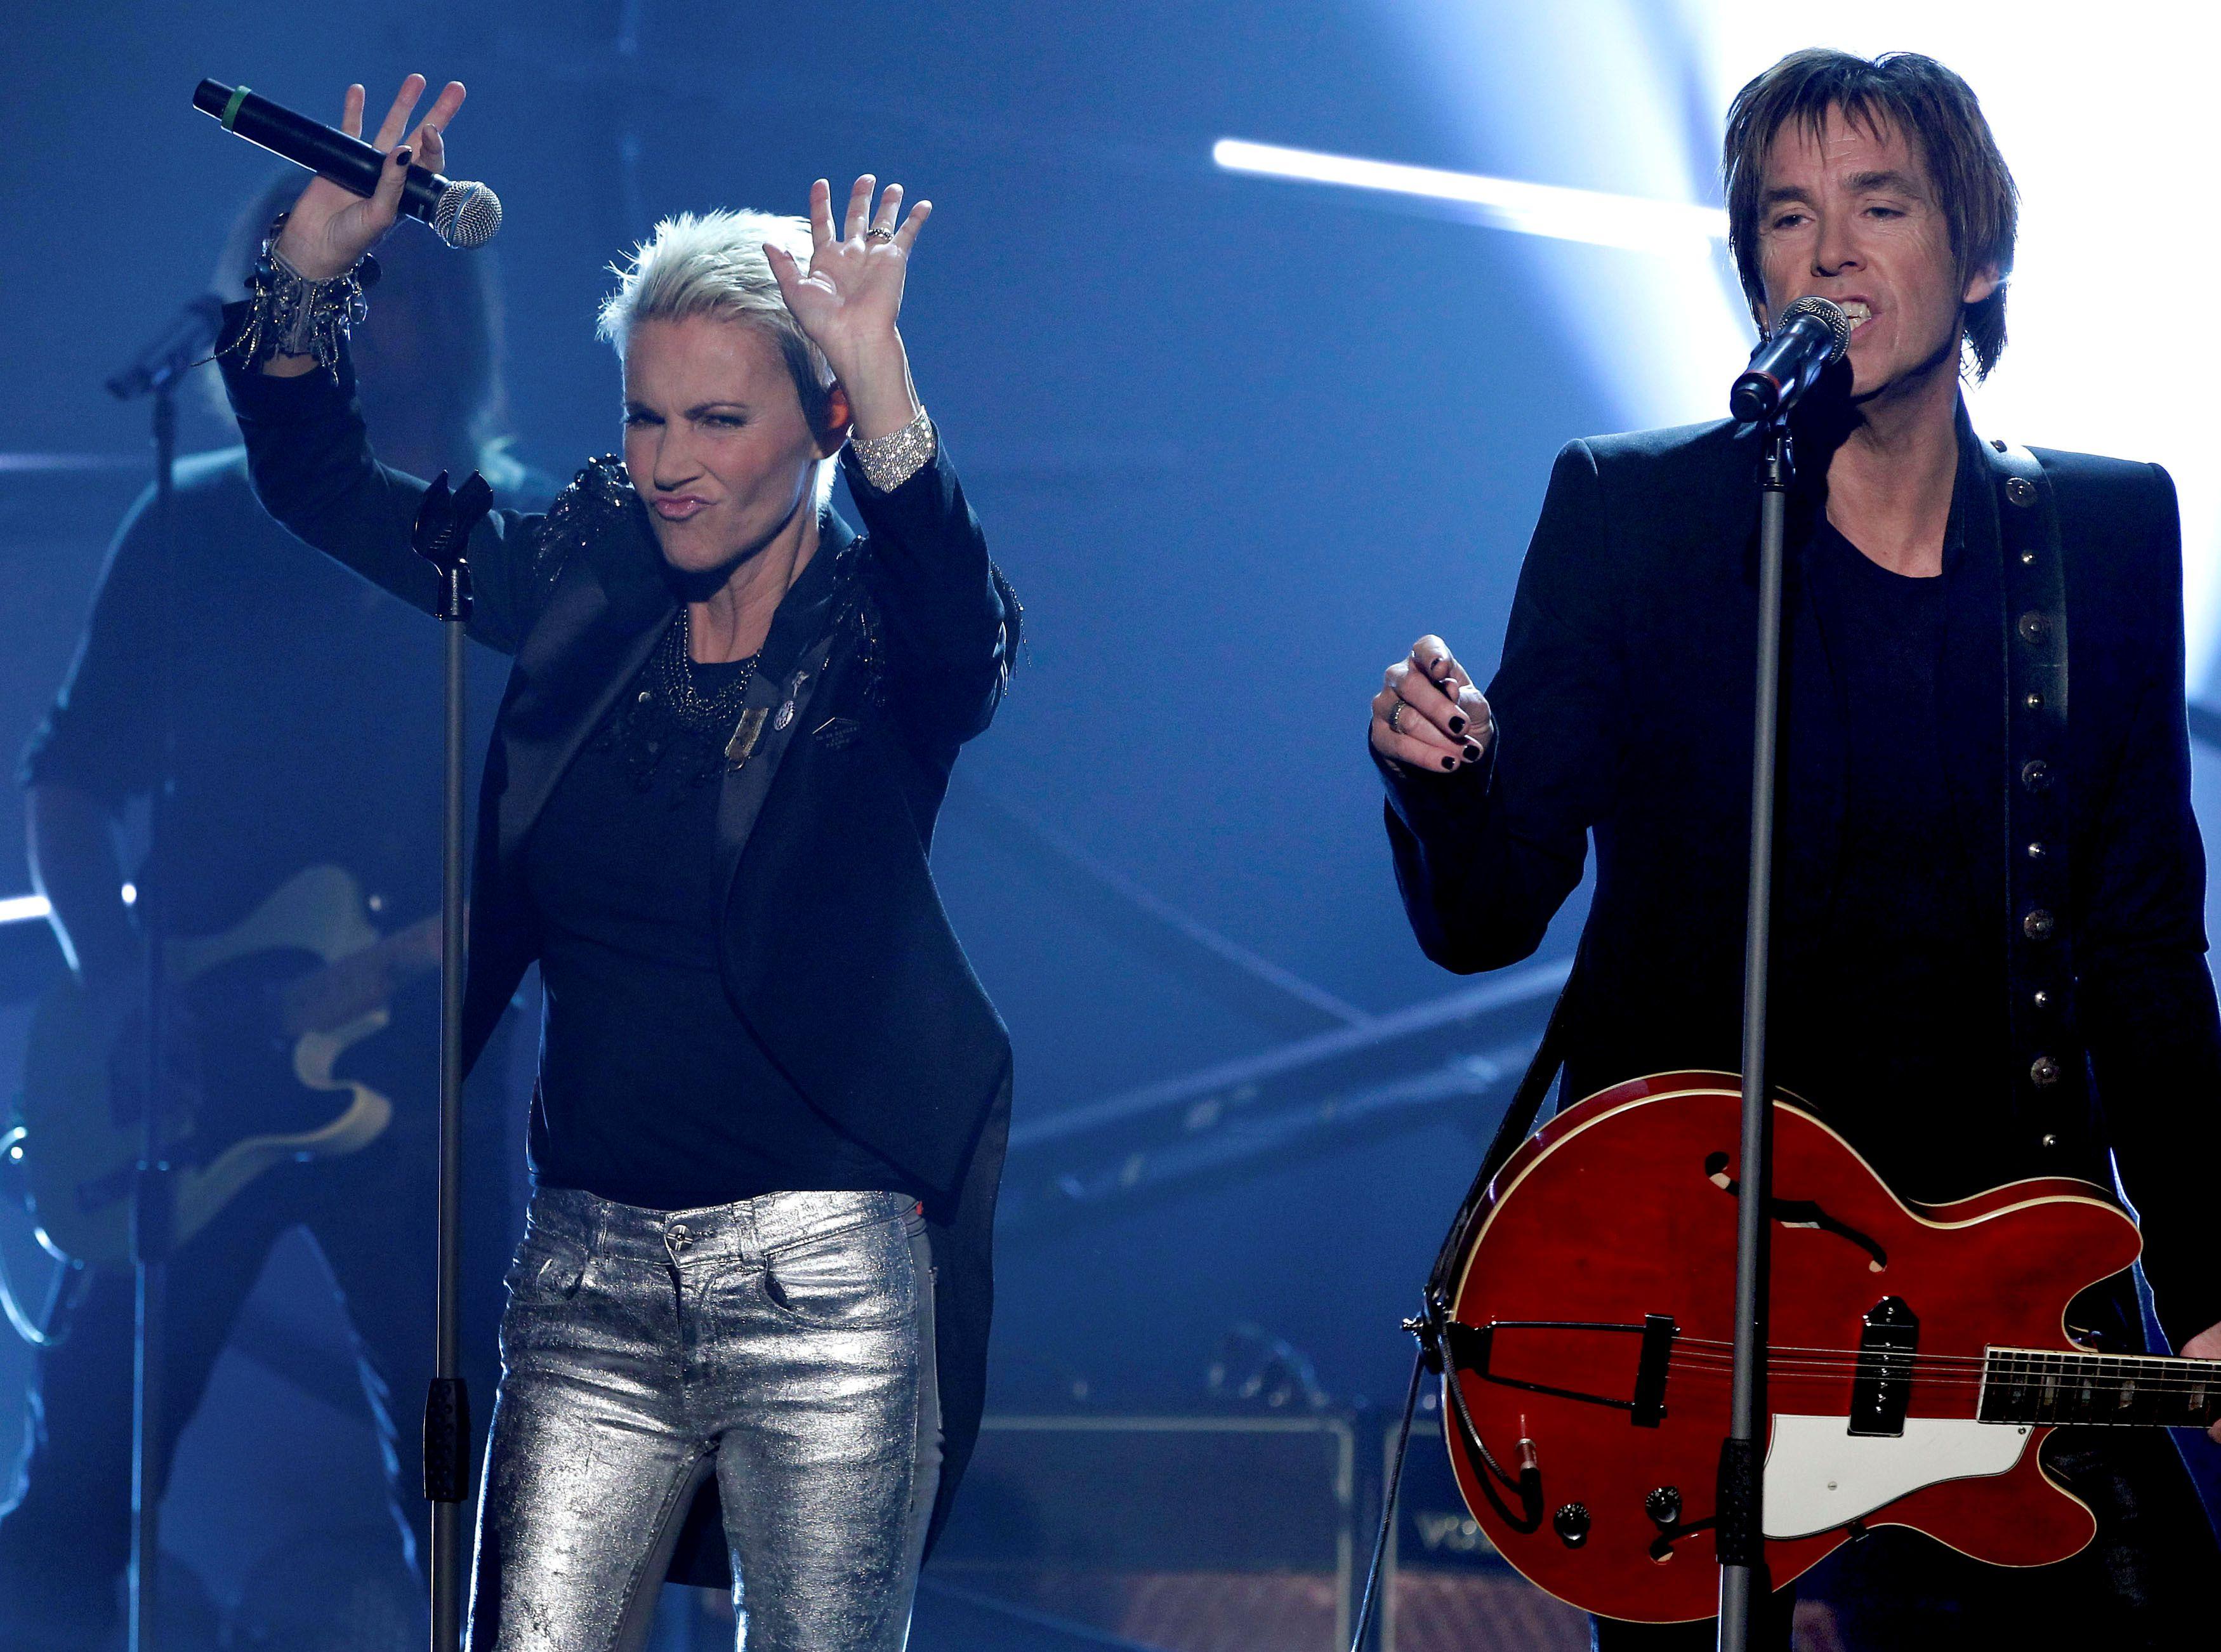 Marie Fredriksson y Per Gessle, miembros del dueto sueco, Roxette